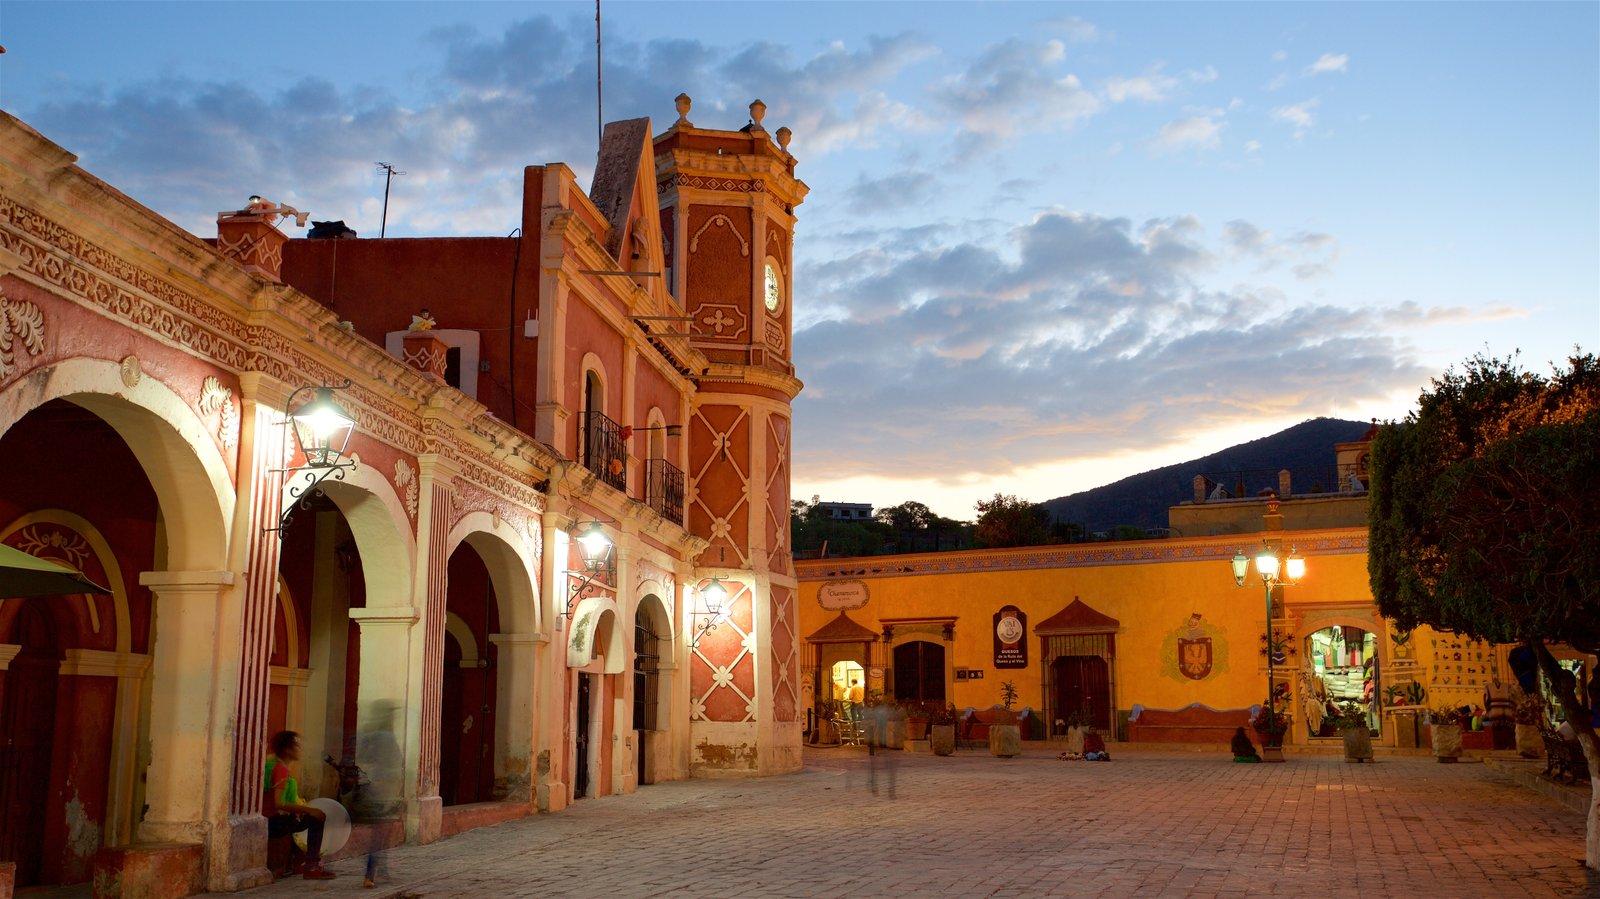 Bernal mostrando uma praça ou plaza, elementos de patrimônio e um pôr do sol